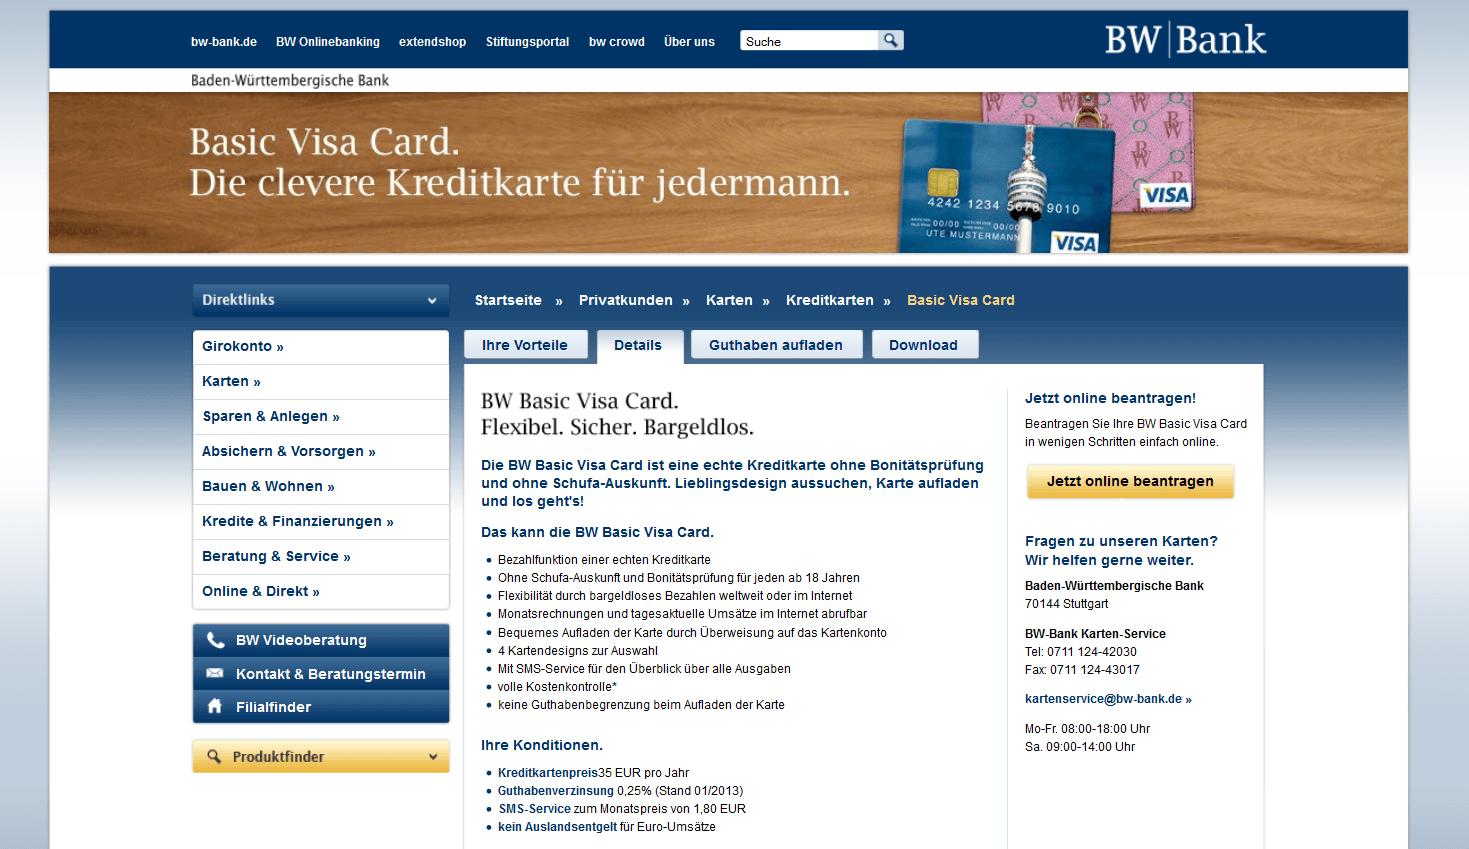 Die BW Basic Visa Card und ihre Vorteile